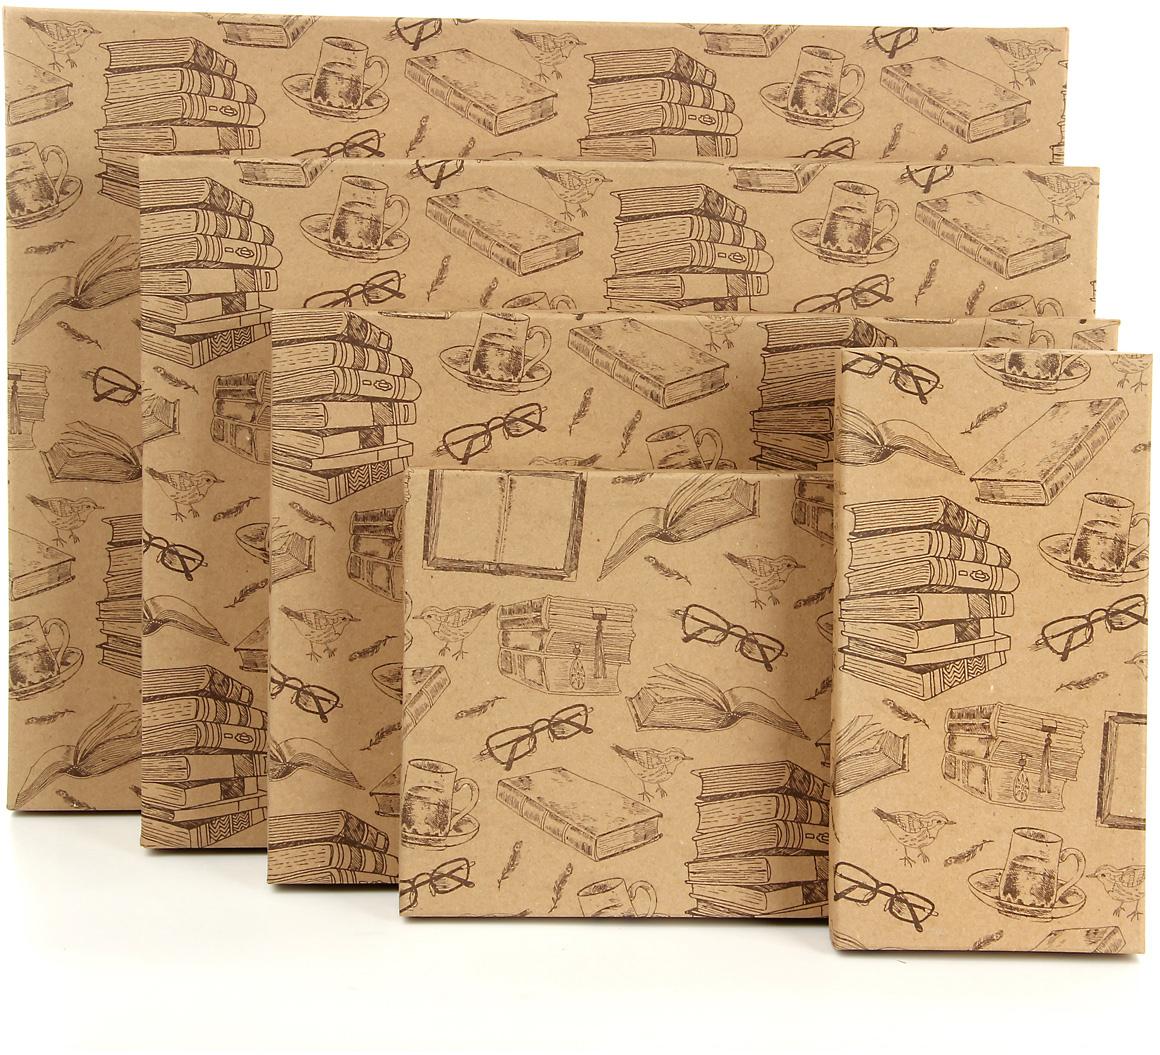 Набор подарочных коробок Veld-Co Книжный мир, 5 шт. 59521 набор подарочных коробок veld co морская тематика прямоугольные 5 шт